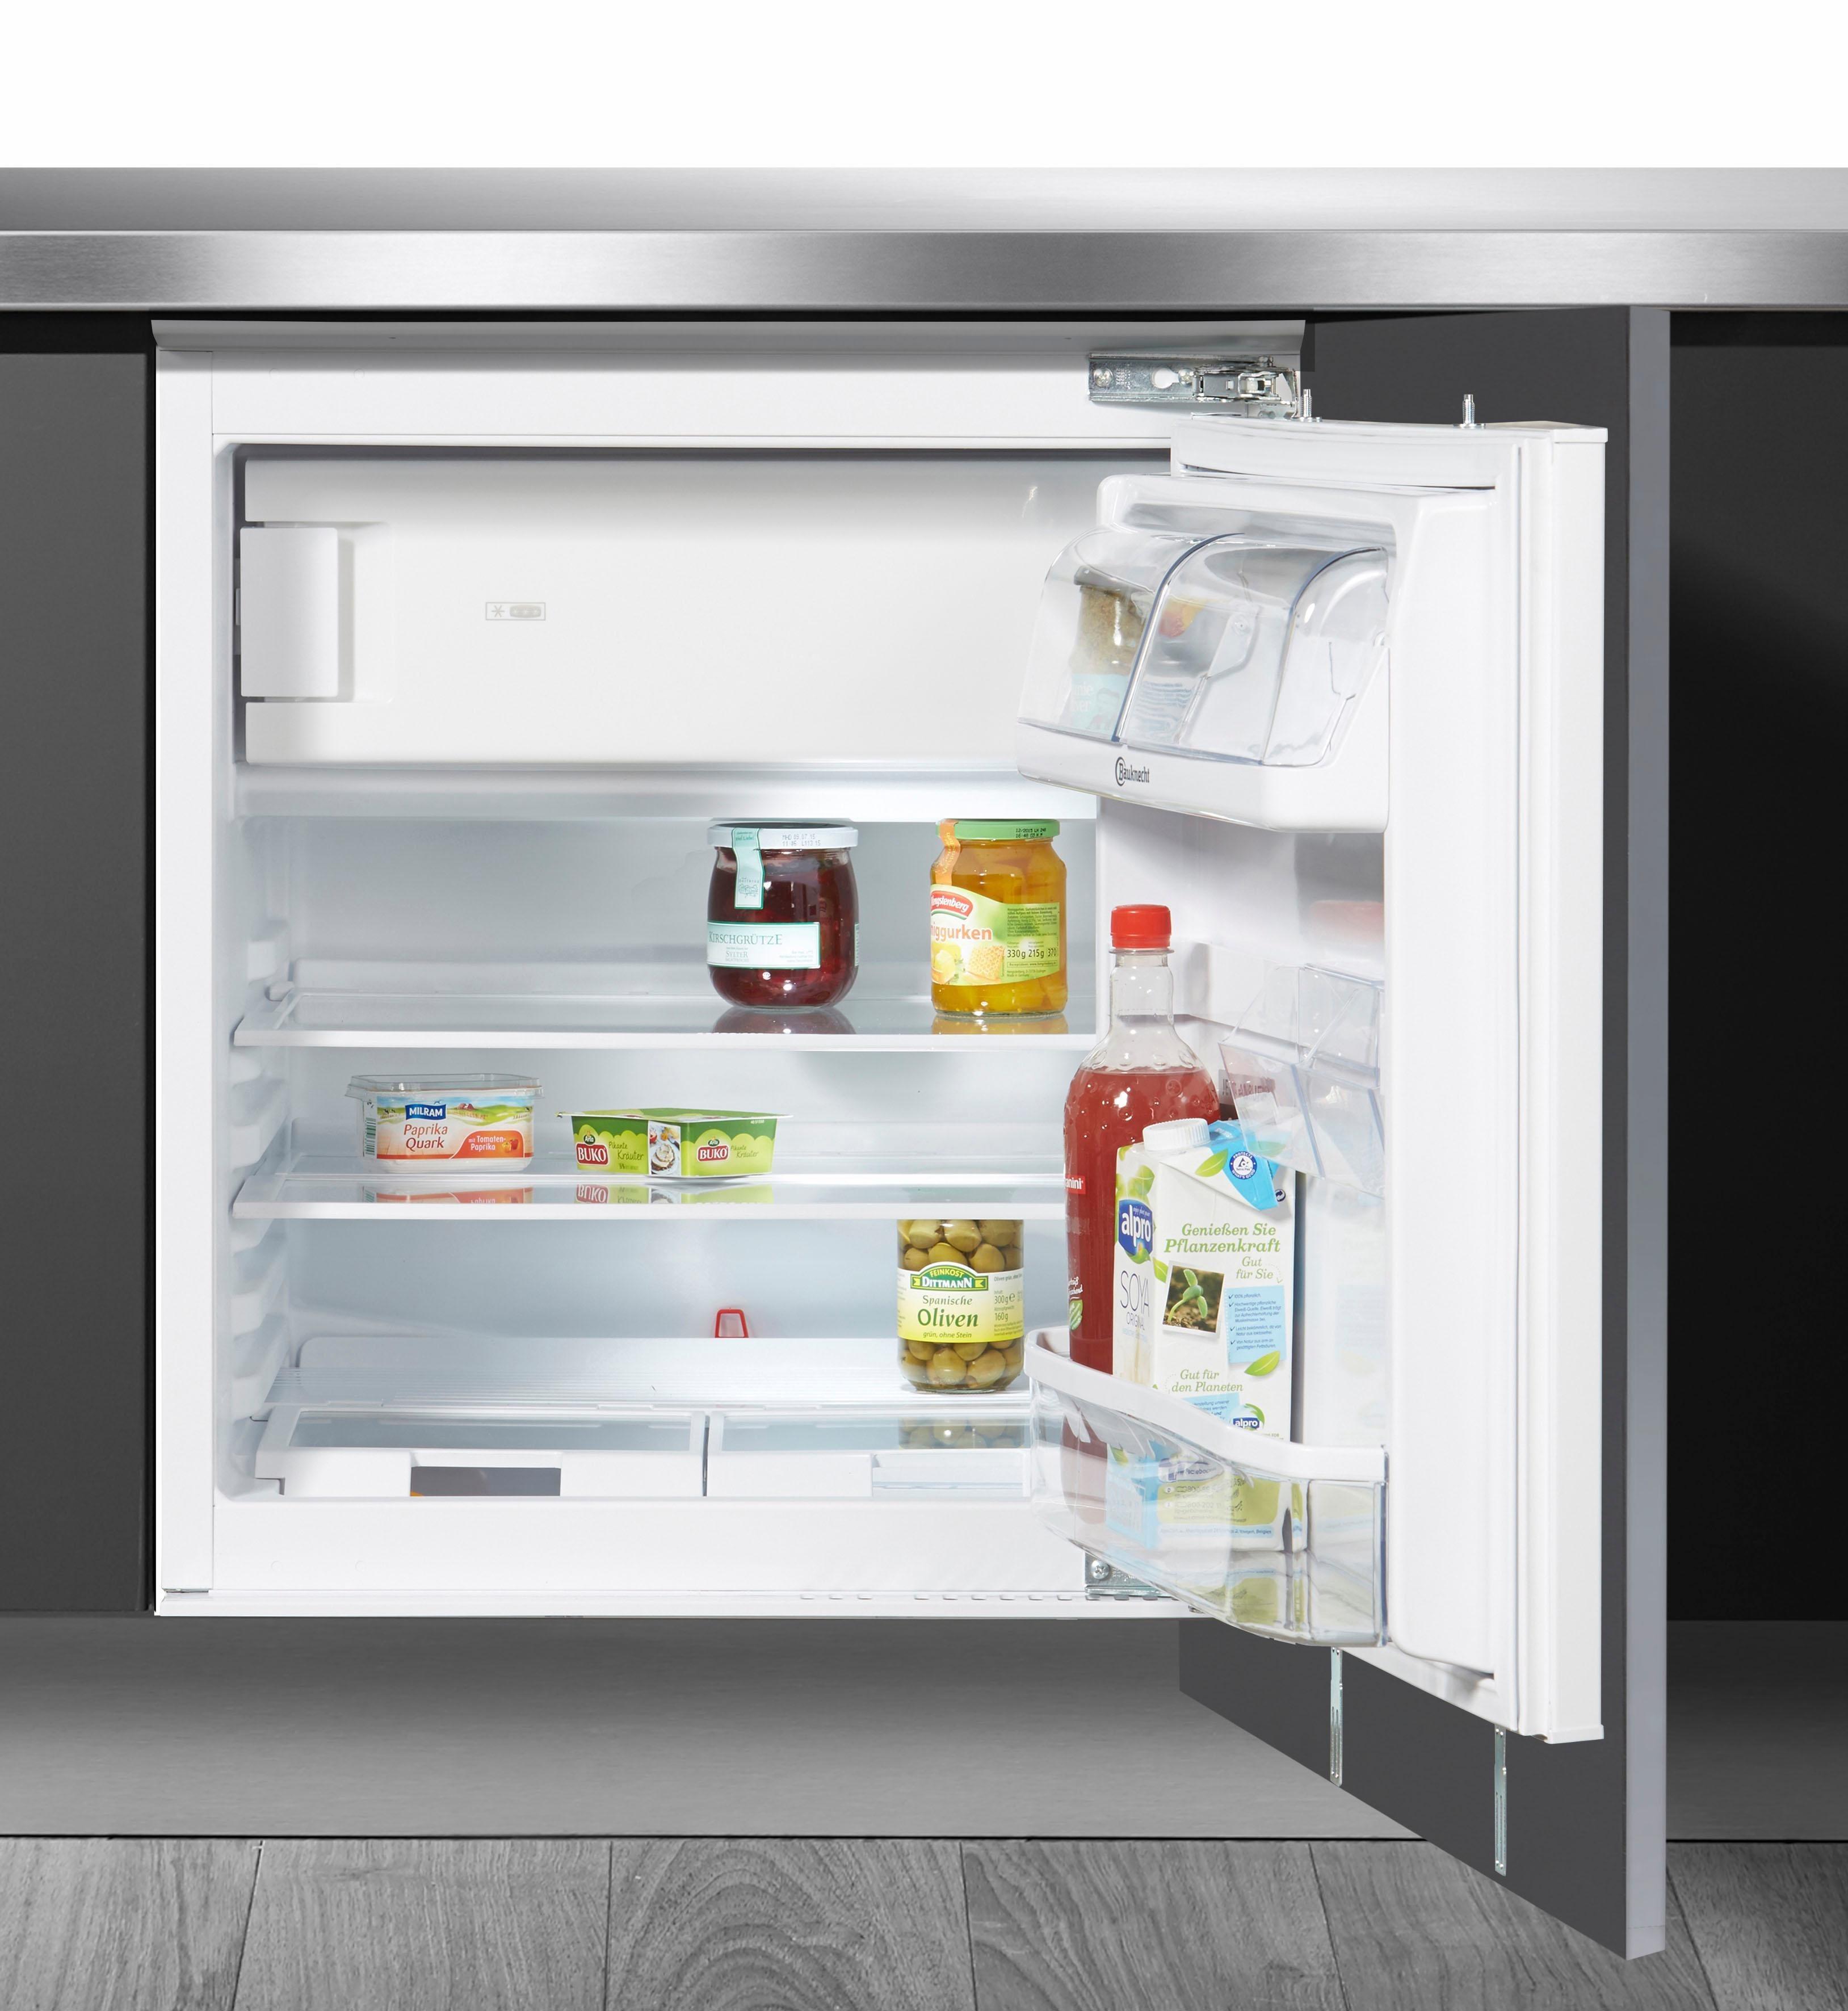 Einbaukühlschränke  Einbaukühlschränke Gefrierfach Preisvergleich • Die besten Angebote ...